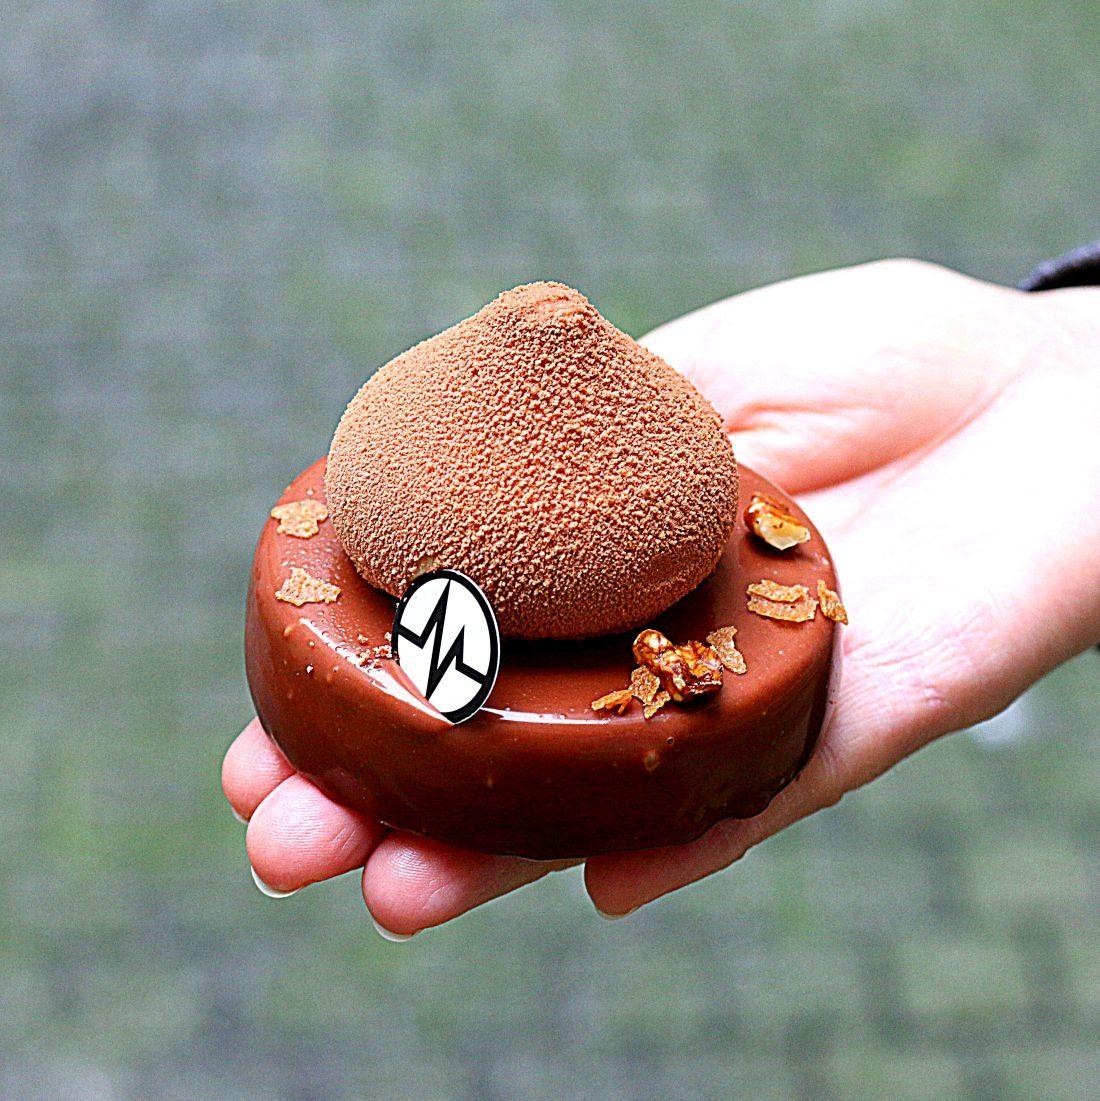 הקלאסיק שוקולד פקאן של מישלאק